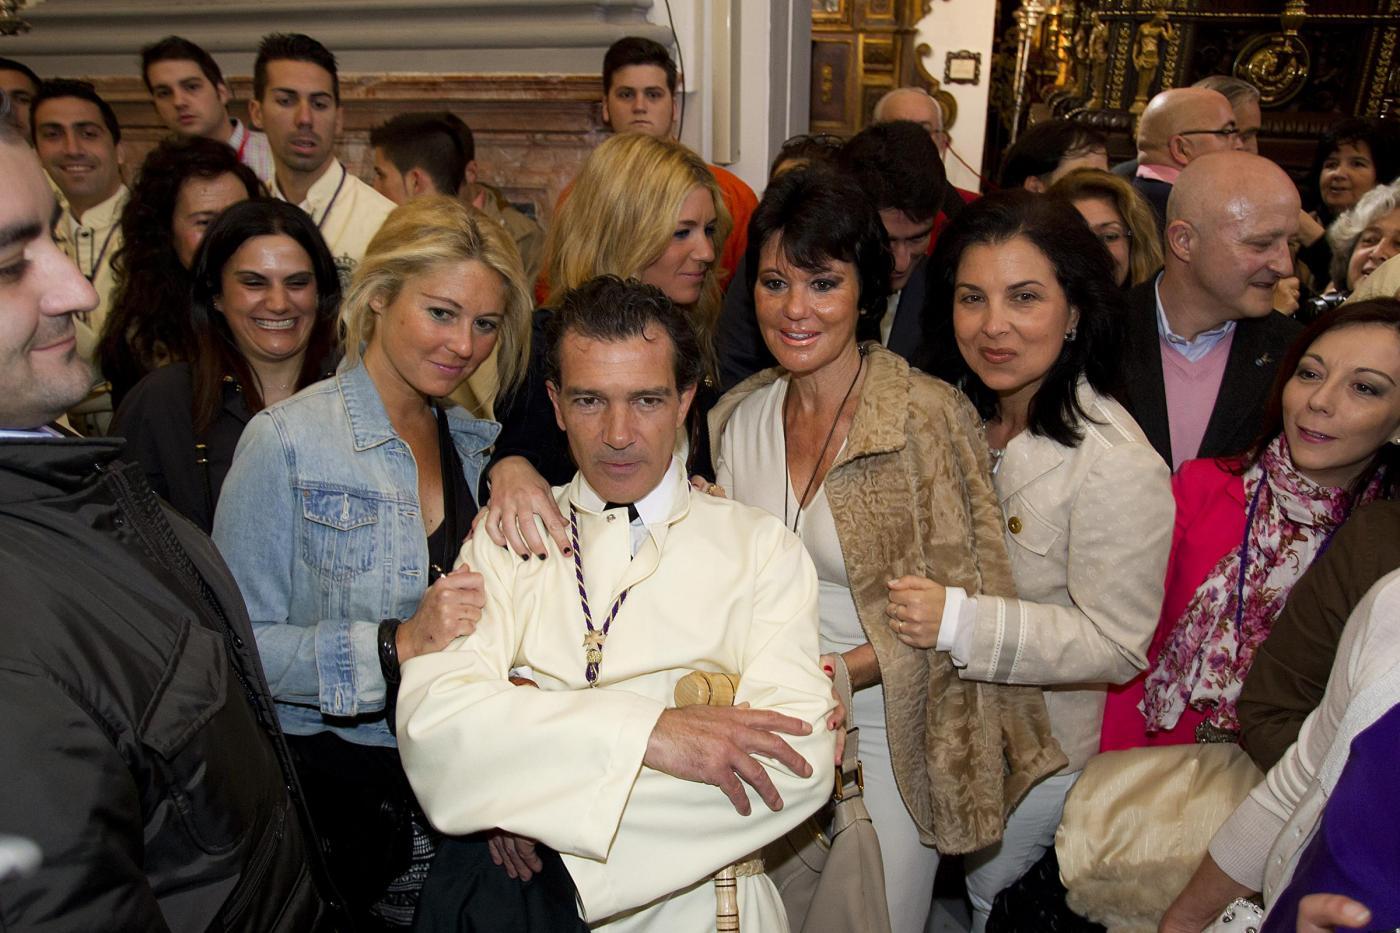 Antonio Banderas tunica bianca e croce sul petto alla processione di Malaga03